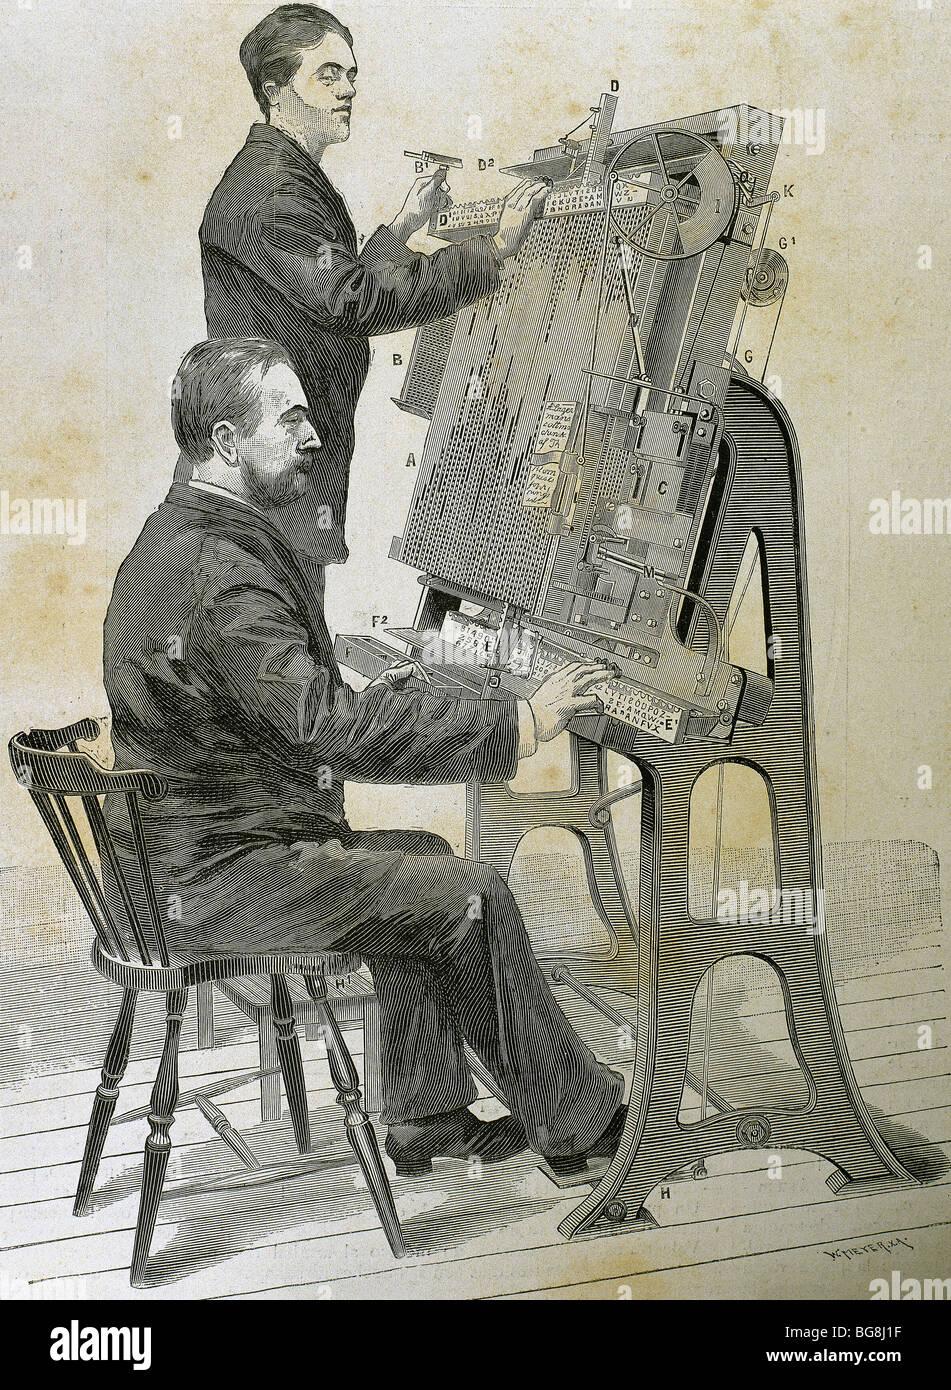 """La composizione tipografica nuova macchina. Incisione di W. Meyer per """"illustrazione artistica"""", 1885. Immagini Stock"""